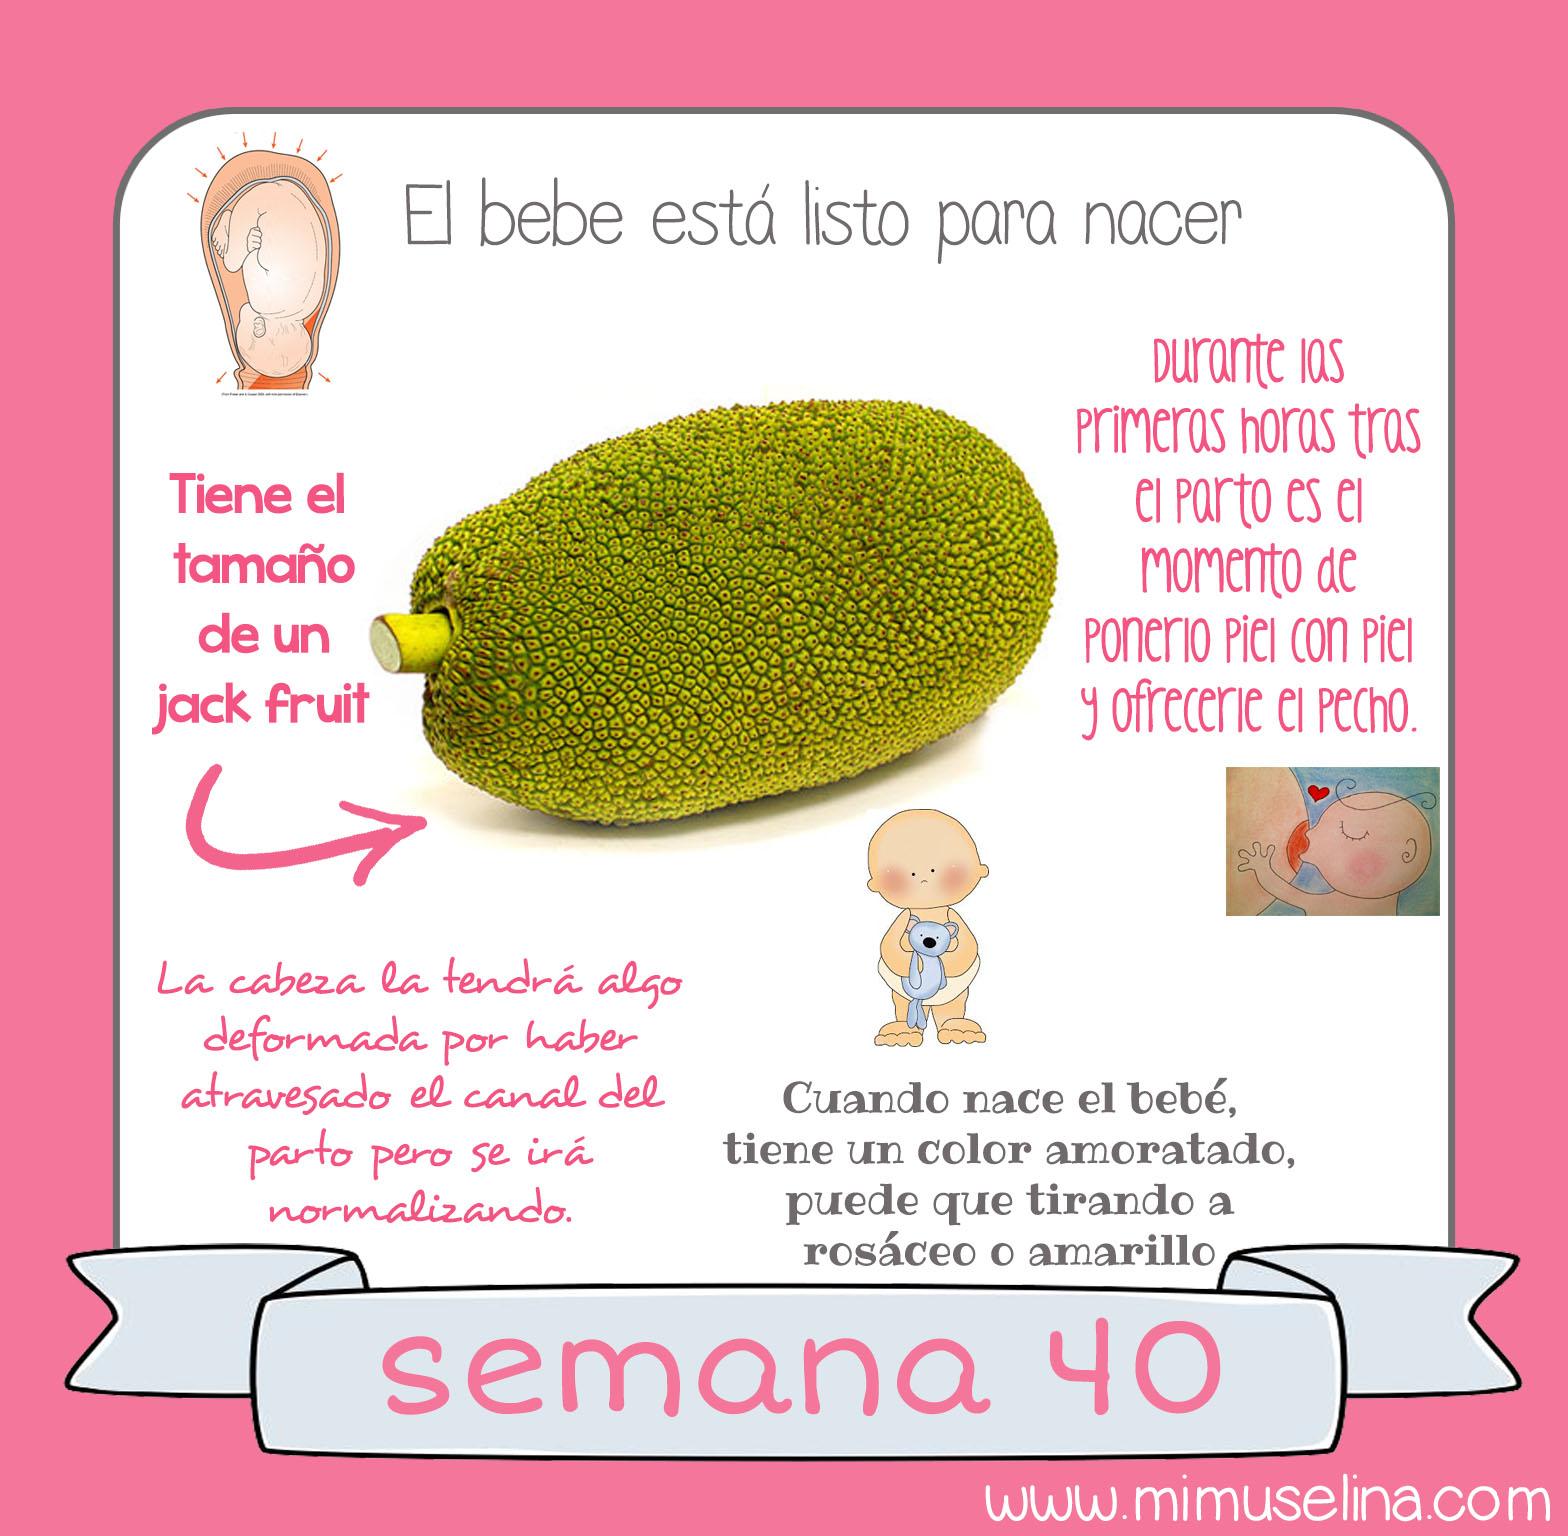 Medidas de bebe de 24 semanas de gestacion